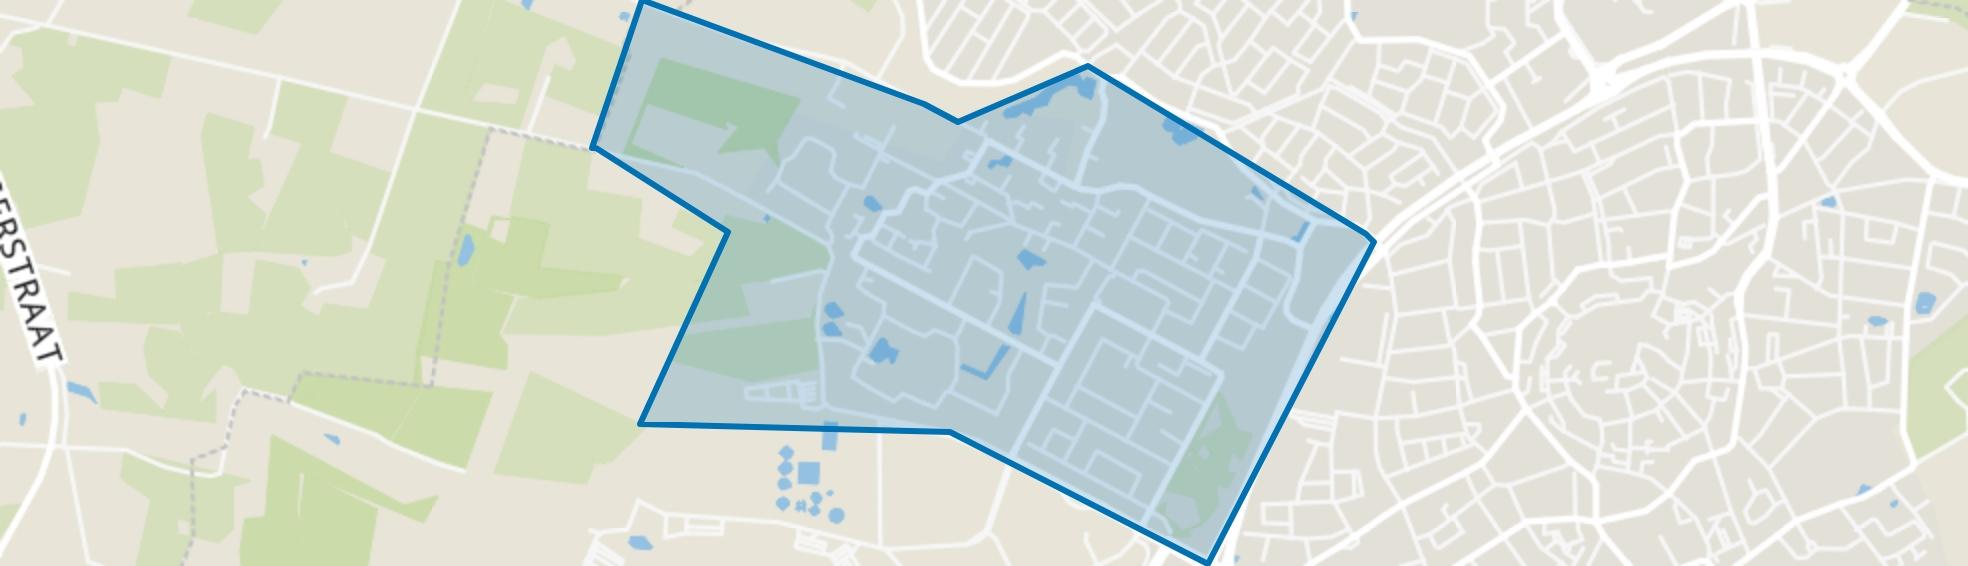 De Thij, Oldenzaal map